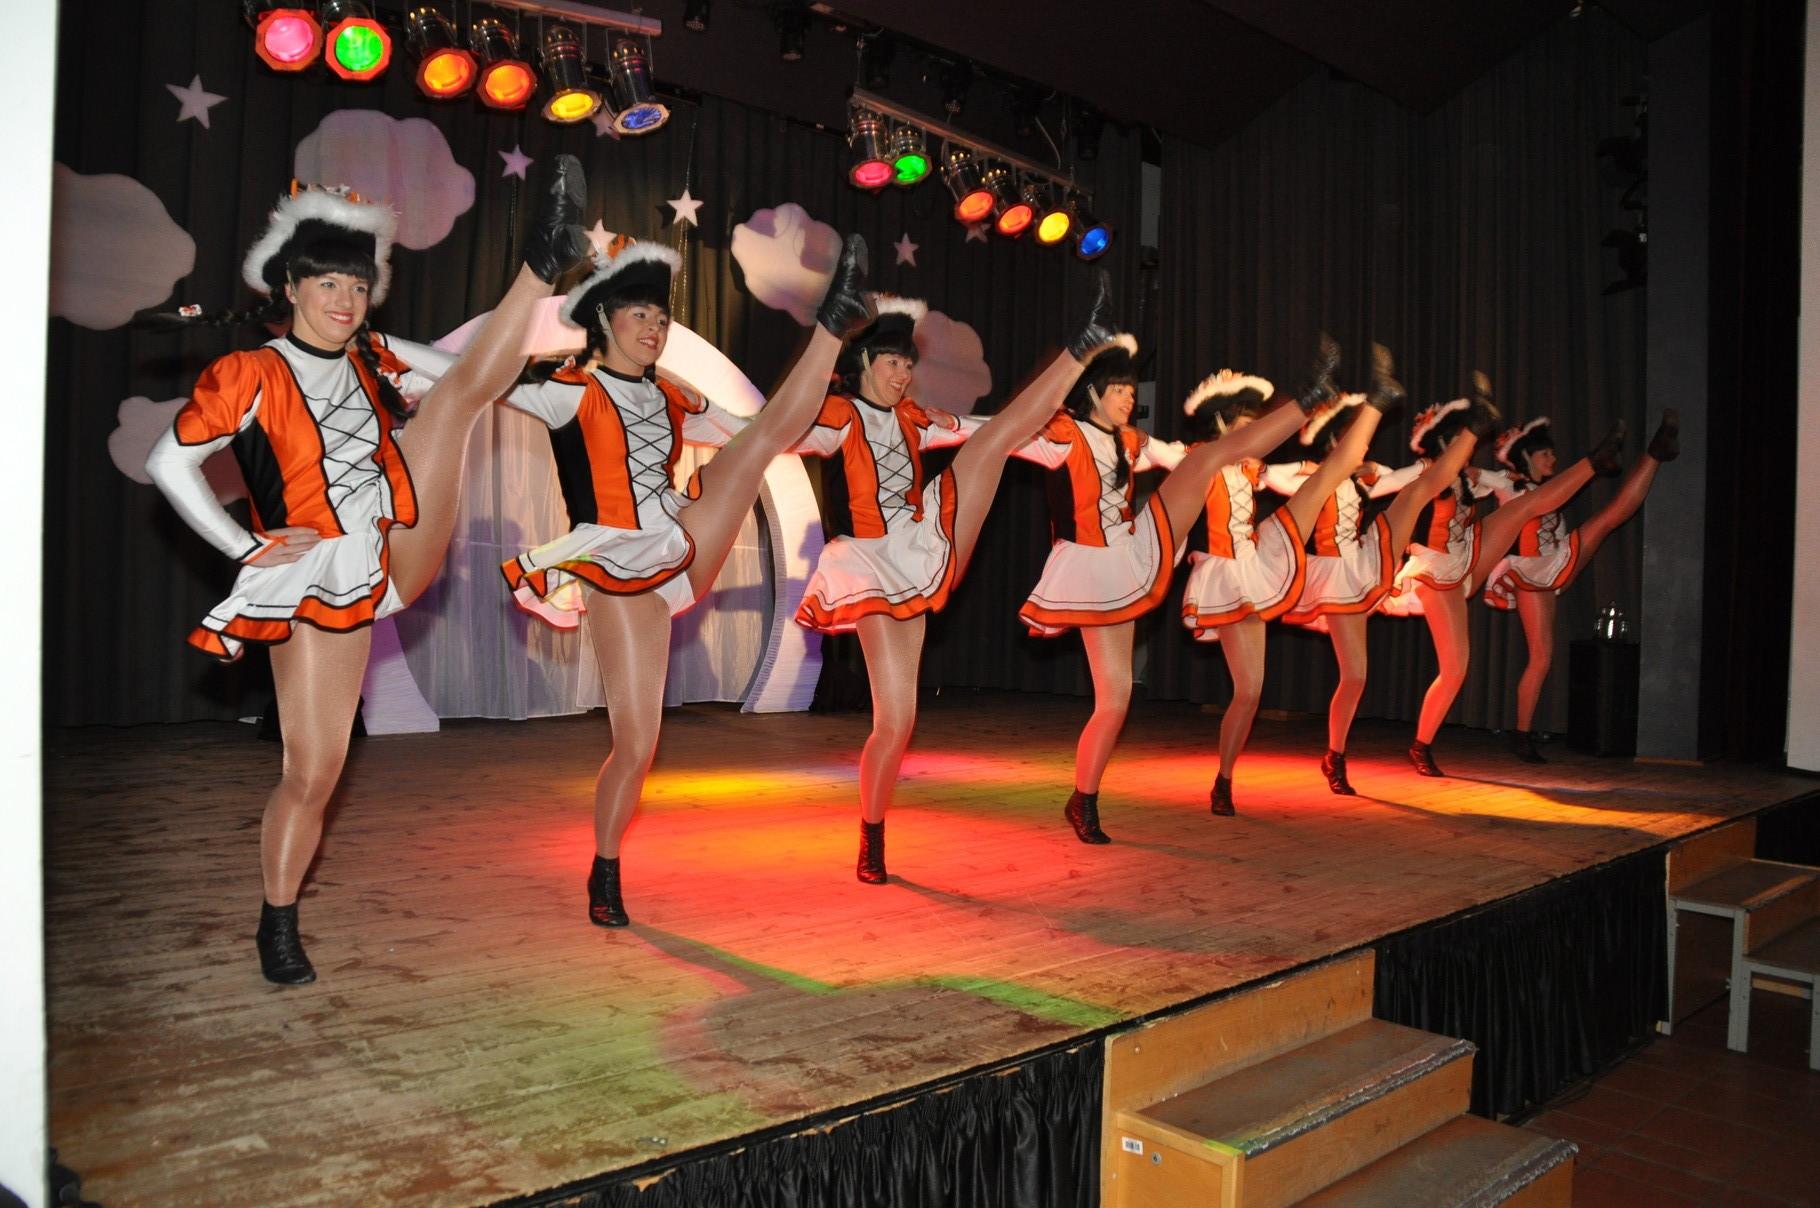 Die Eilenburger Tanzgarde heizte dem Publikum zu Beginn kräftig ein. Ein meisterlicher Auftritt!